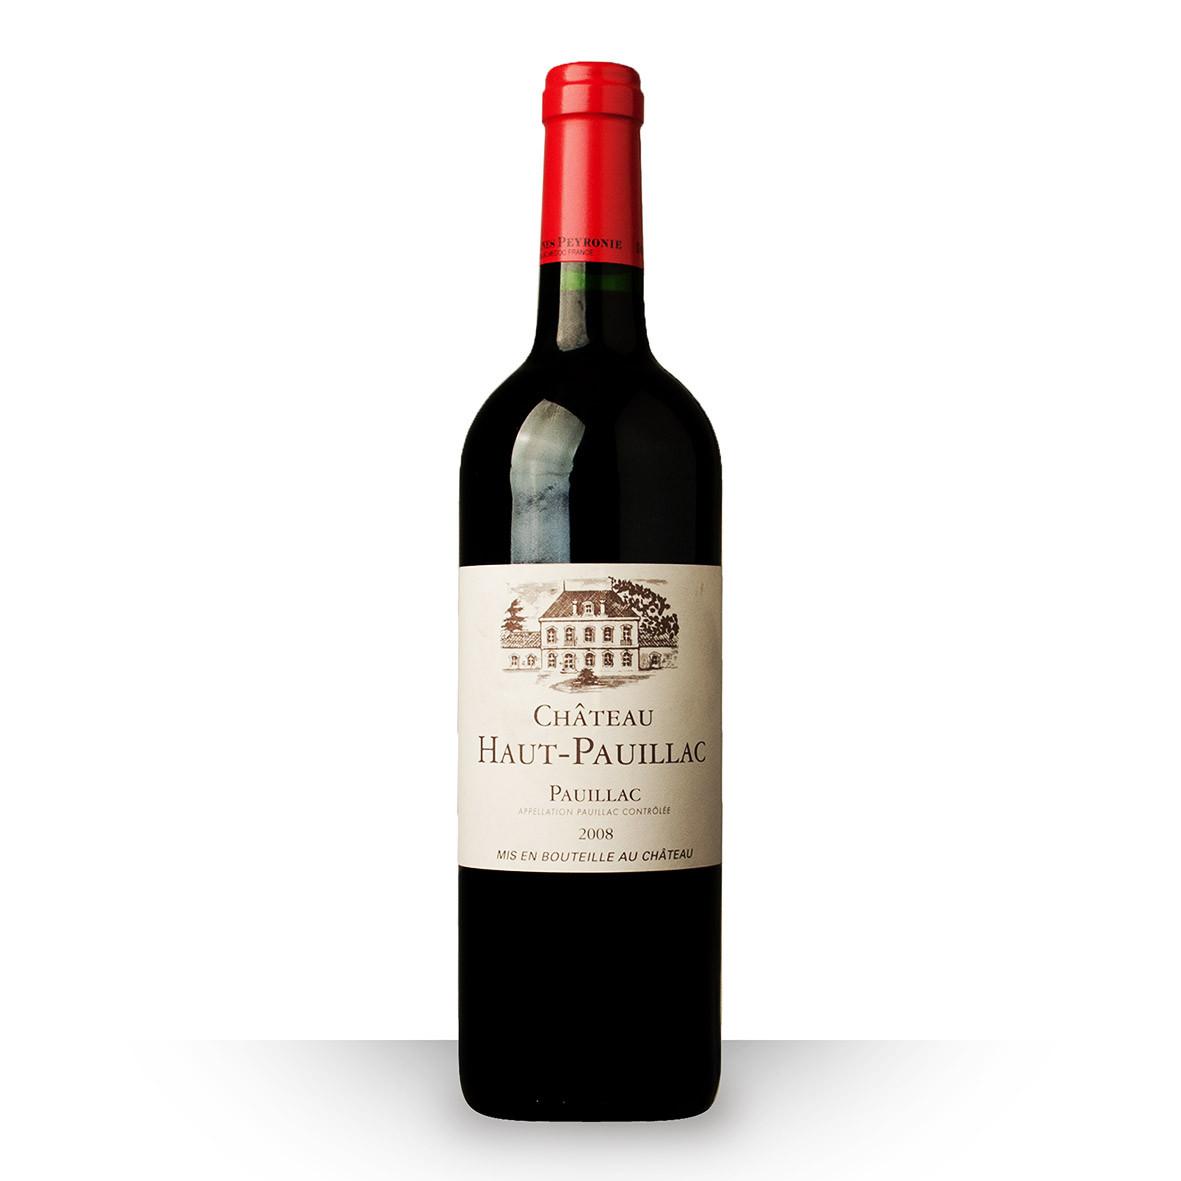 Château Haut Pauillac Pauillac Rouge 2008 75cl www.odyssee-vins.com